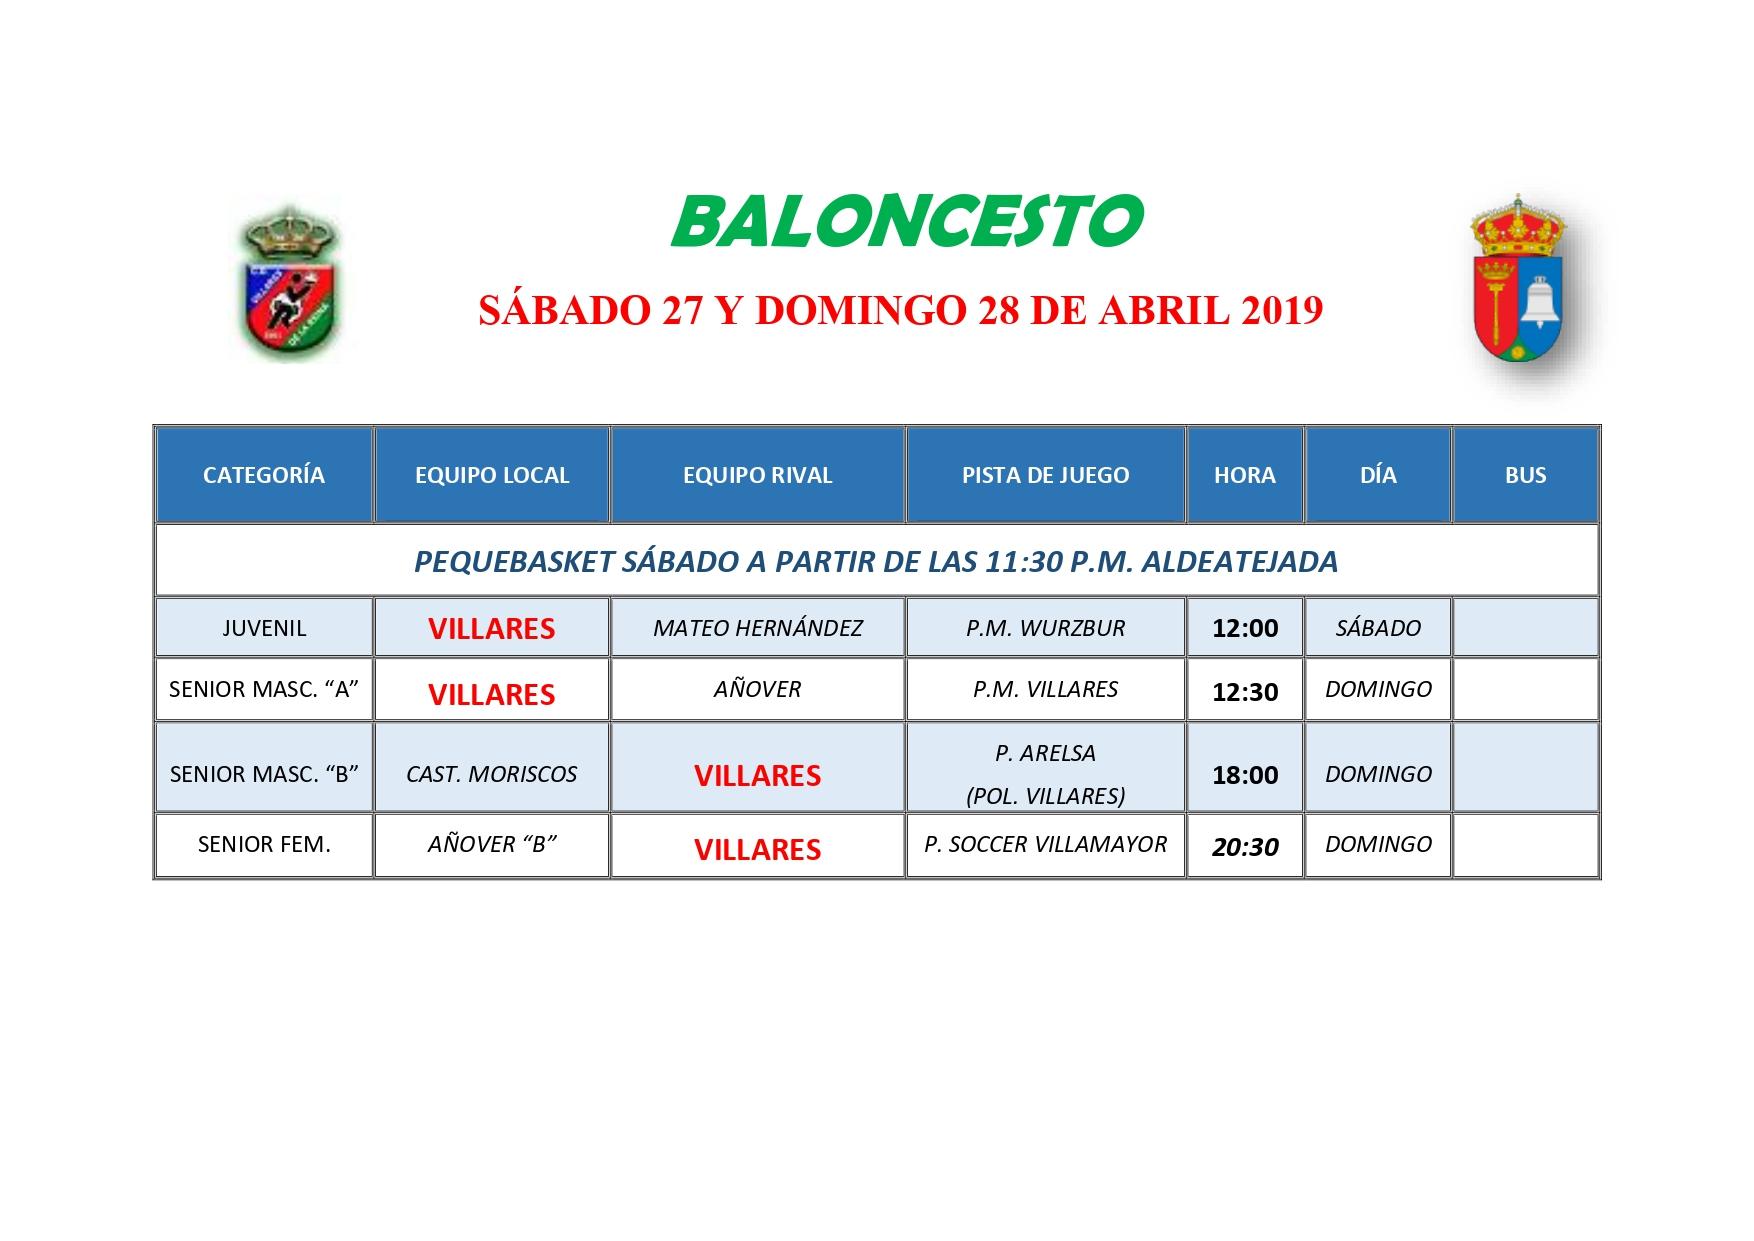 HORARIOS DE BALONCESTO S�BADO 27 Y DOMINGO 28